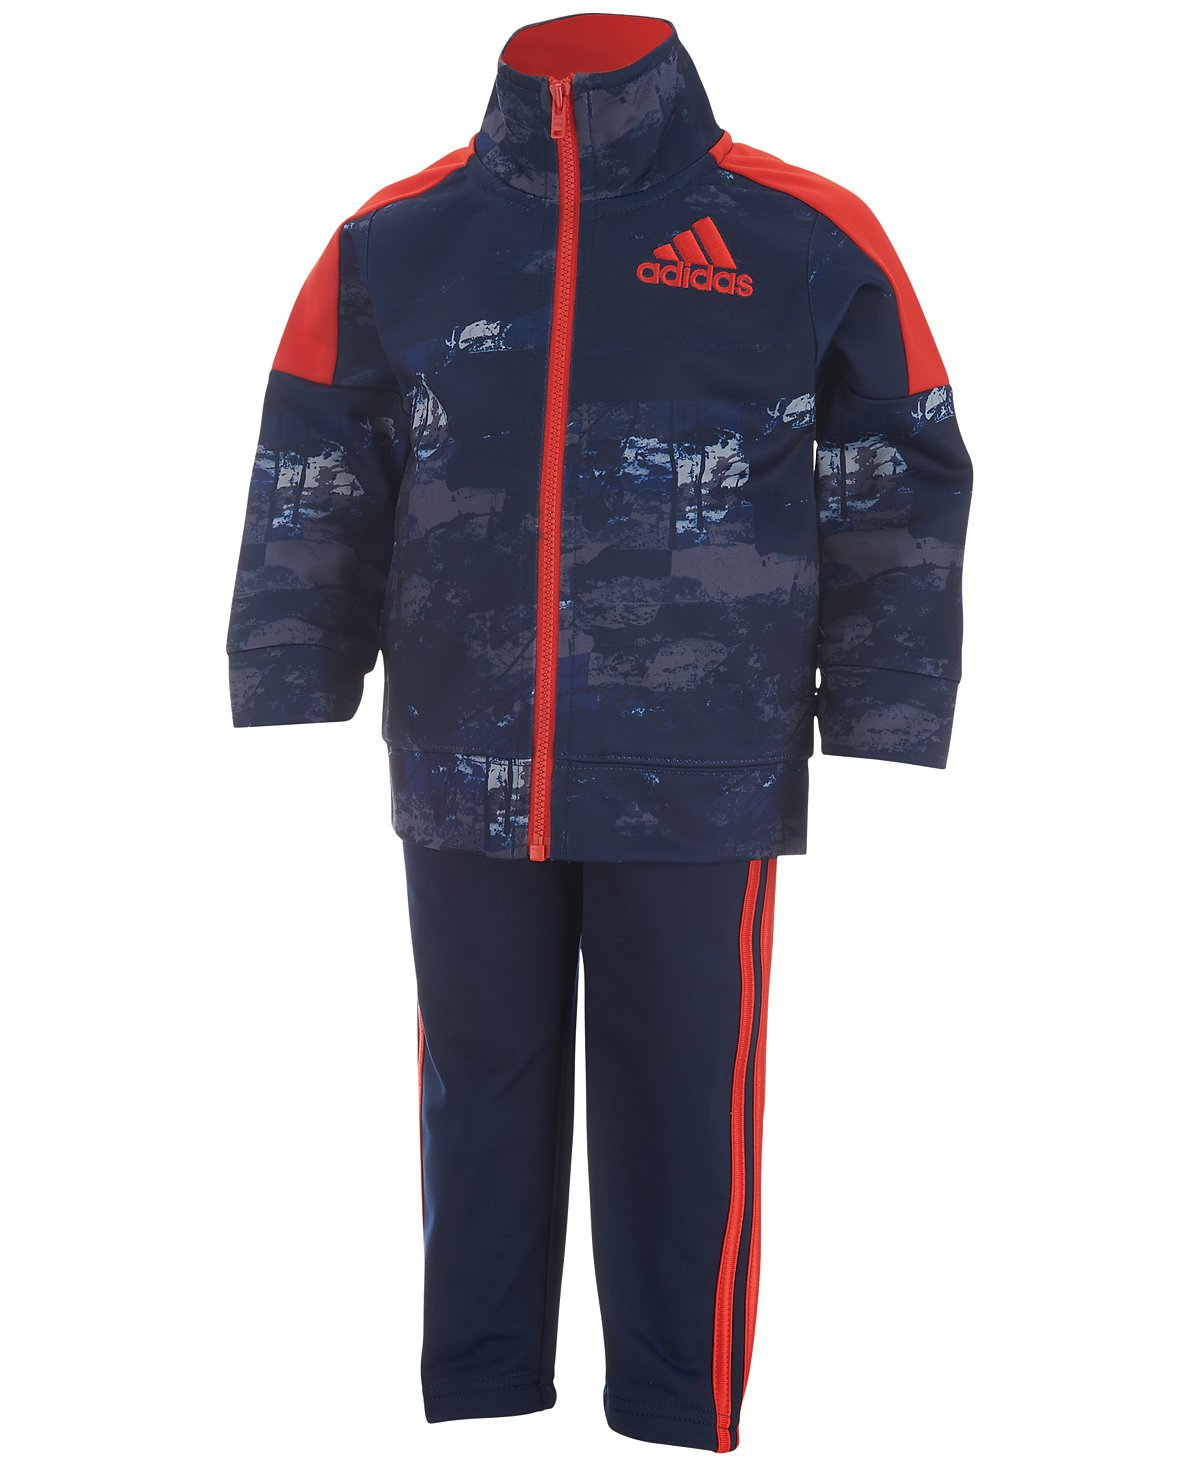 Adidas Boy's 2 Piece Elemental Track Suit (4, Dark Indigo (410) / Red/Dark Indigo) by adidas